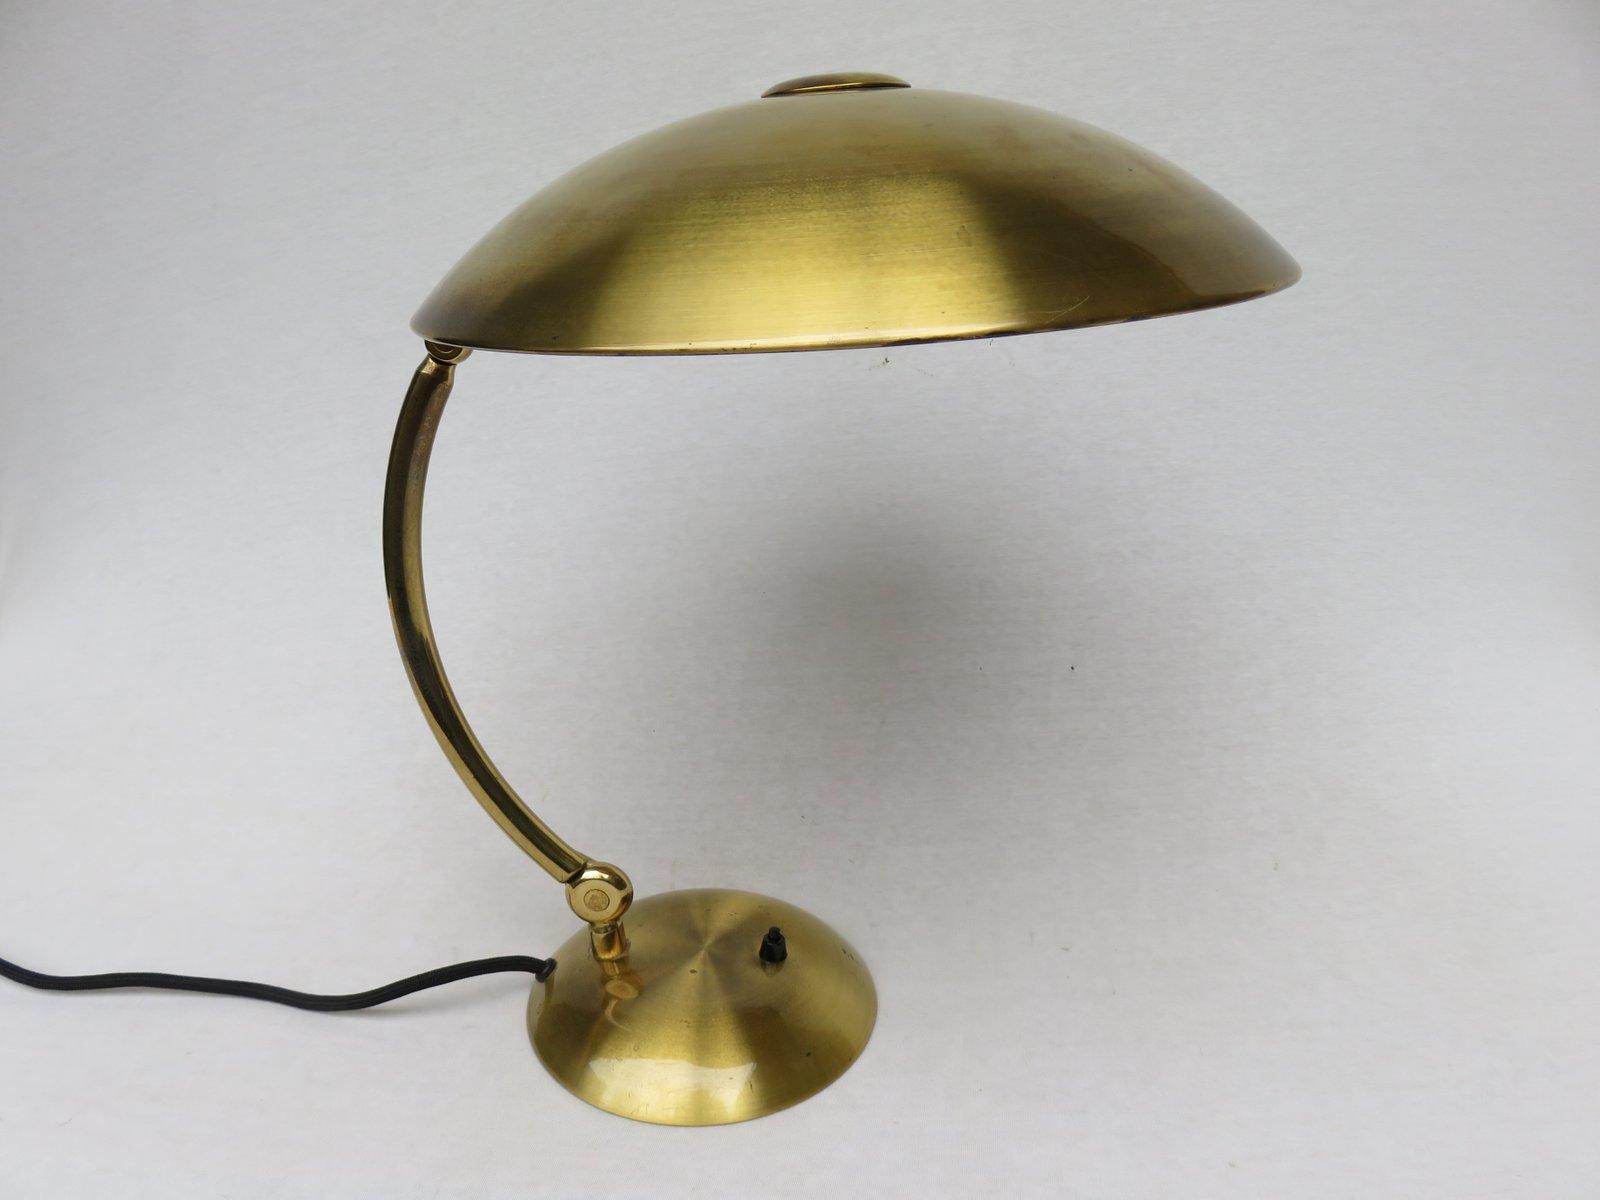 Messing Schreibtischlampe von Hillebrand, 1930er